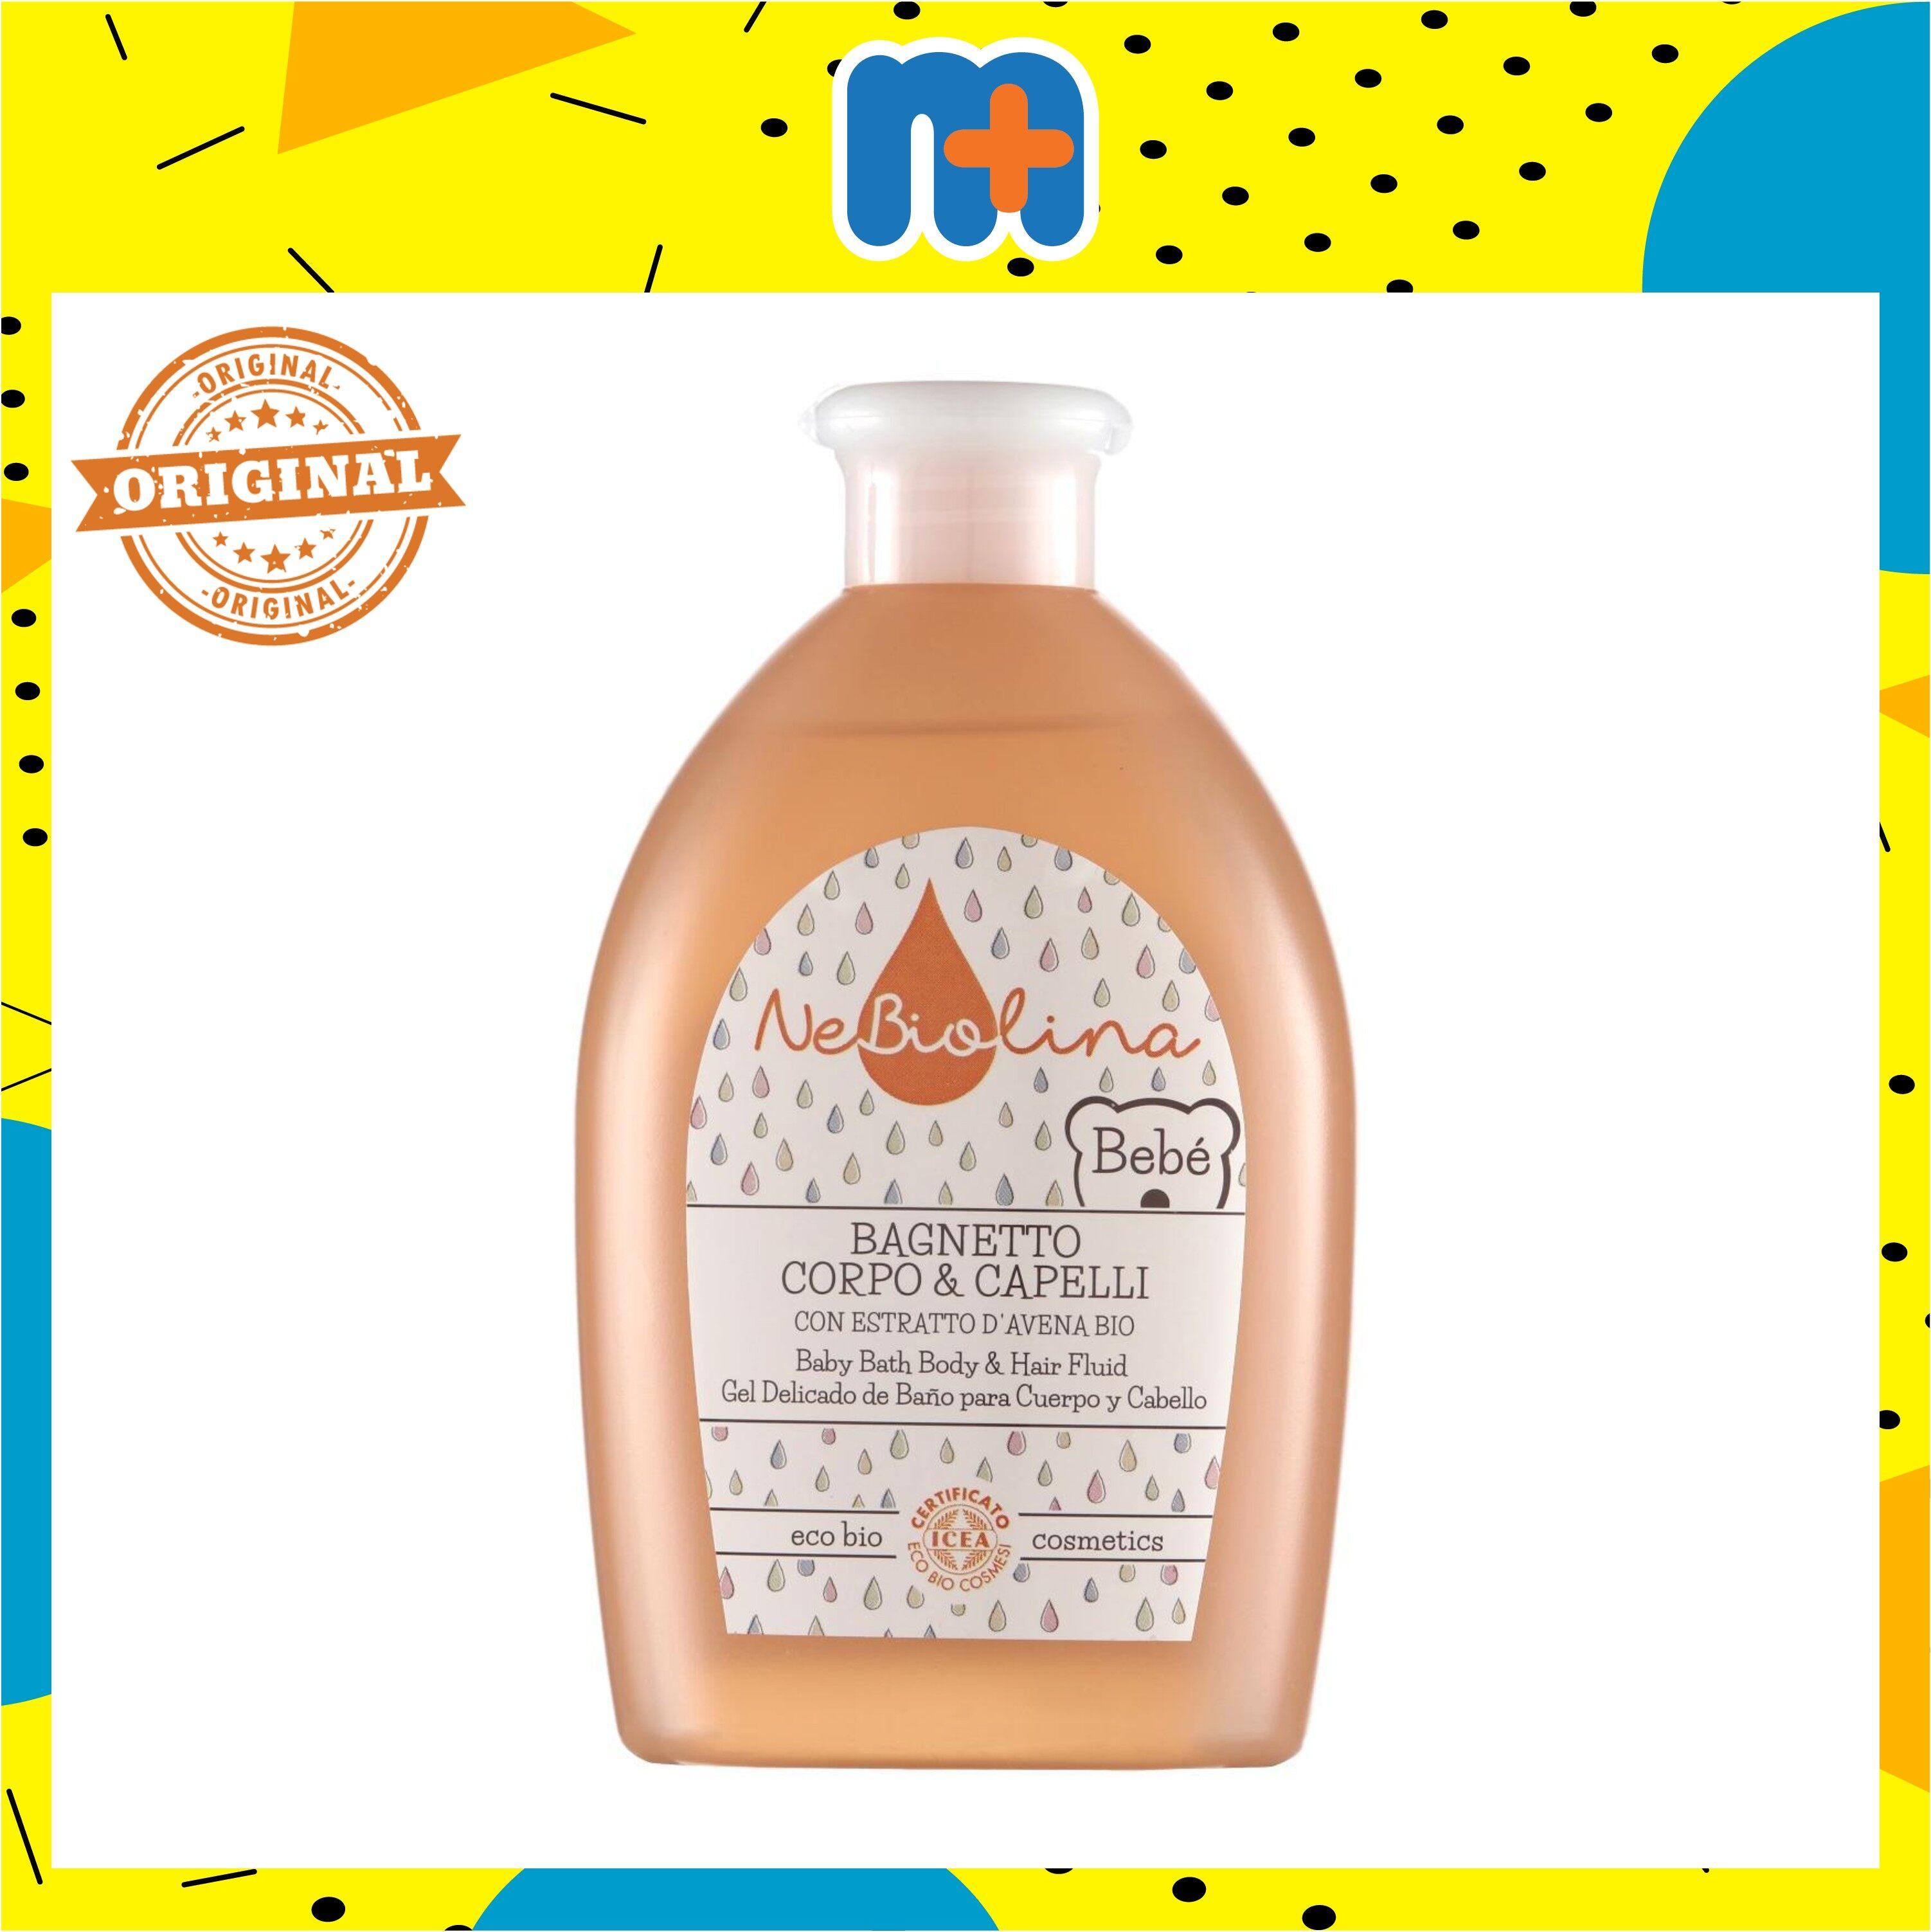 [MPLUS] NEBIOLINA BABY BATH BODY & HAIR FLUID 500ML